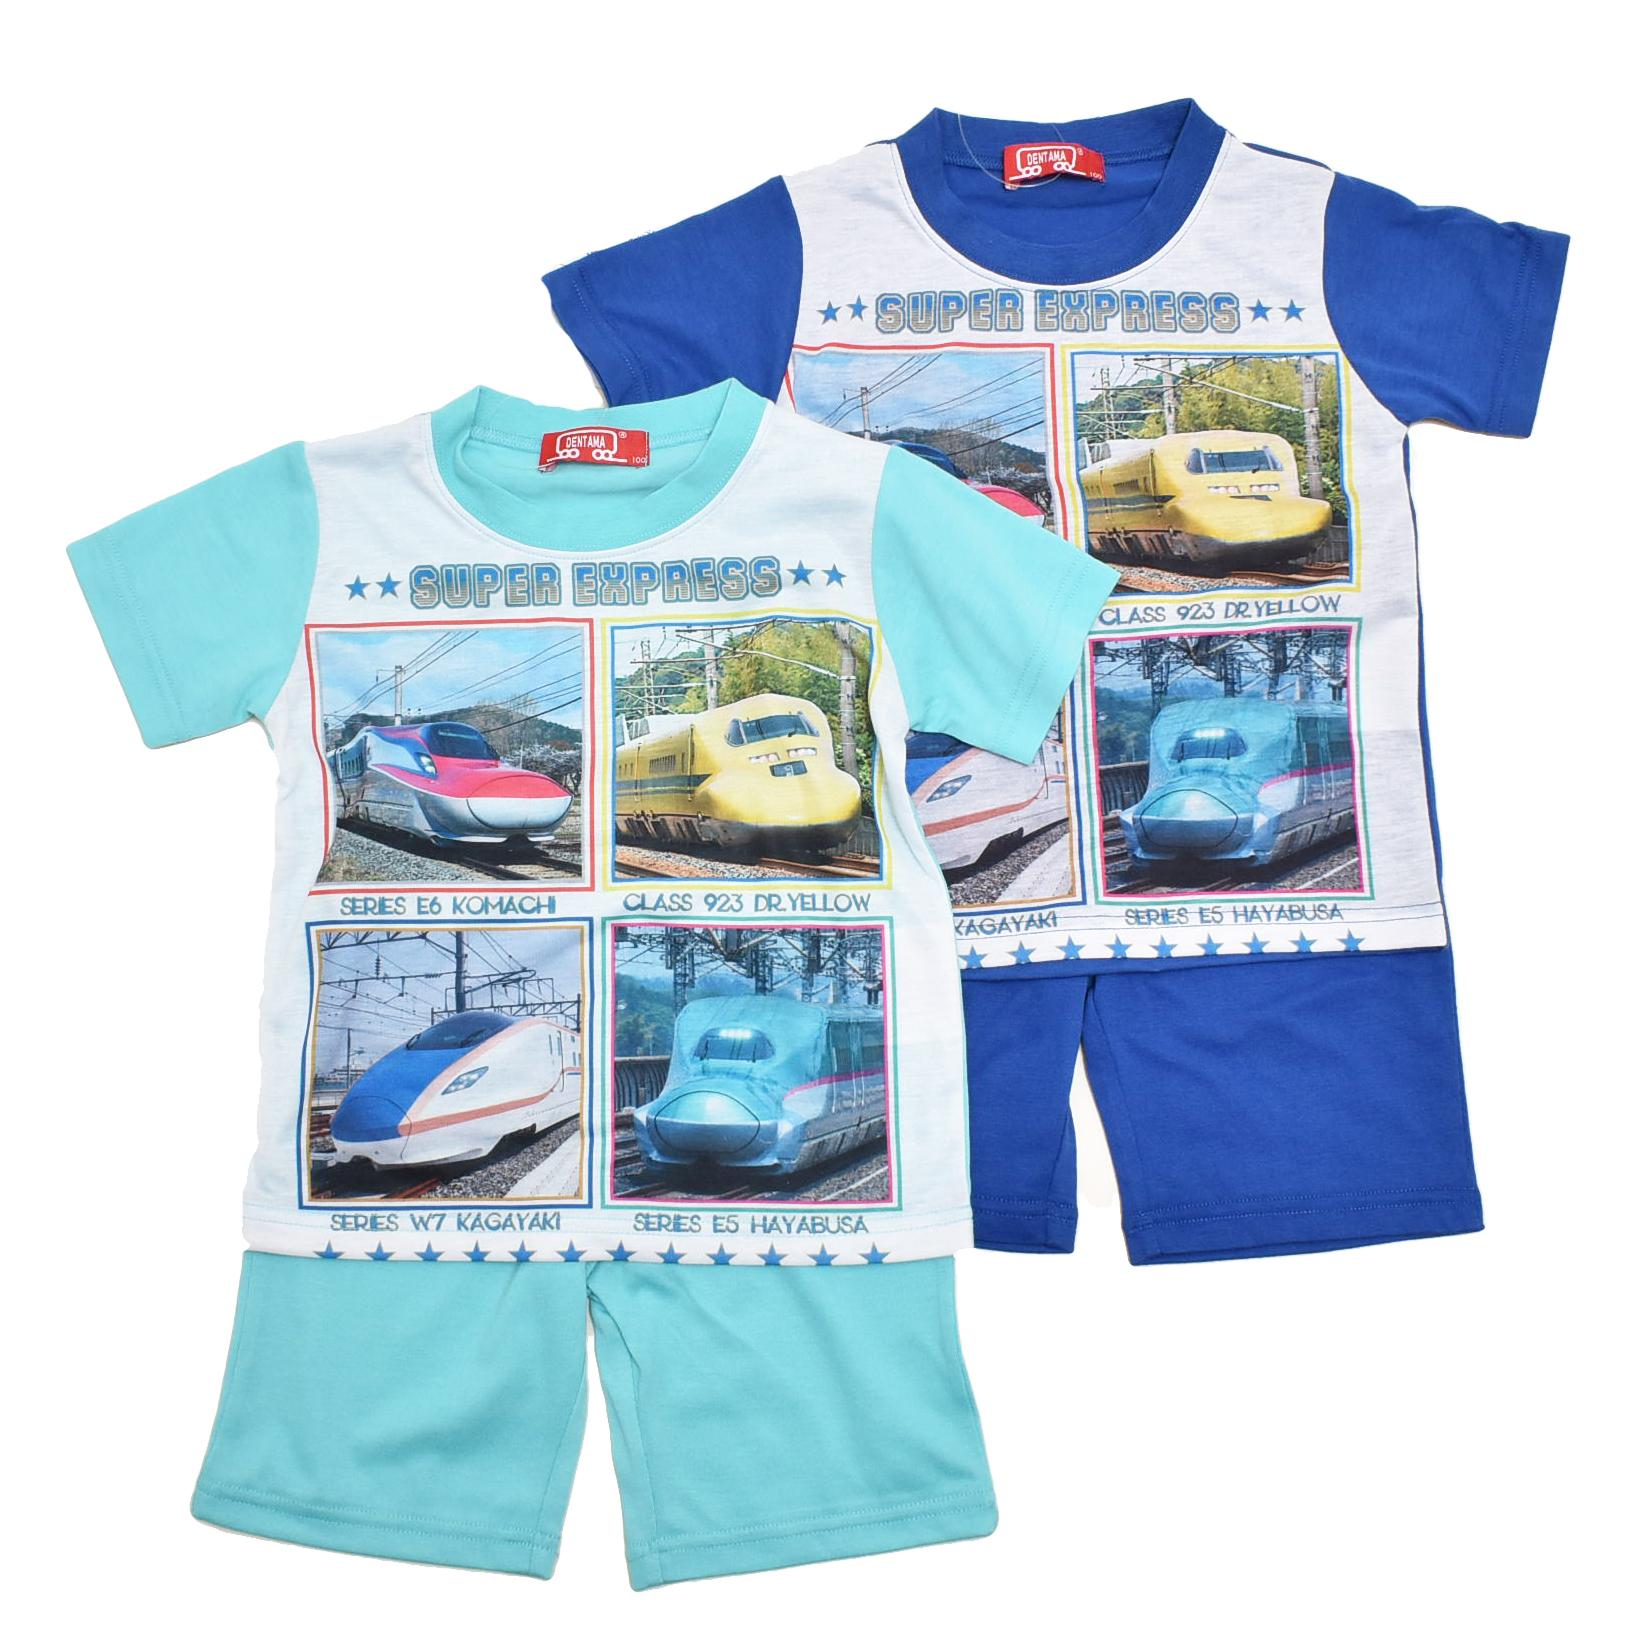 でんたま(新幹線) 半袖Tシャツ生地のパジャマ 100cm-130cm  (132DT0071)